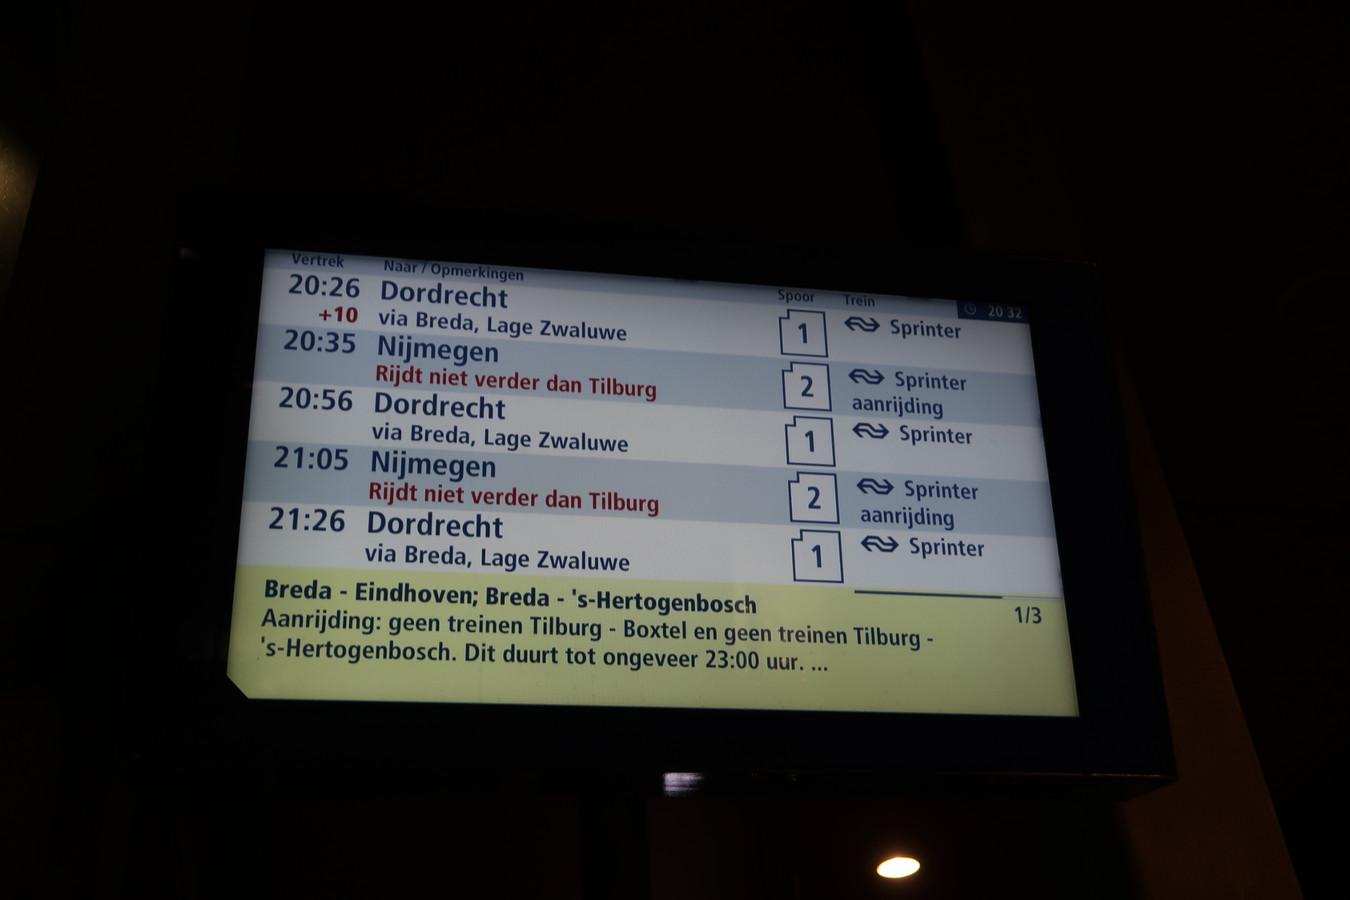 Reizigers op station Reeshof zie dat de trein niet verder rijdt dan Tilburg